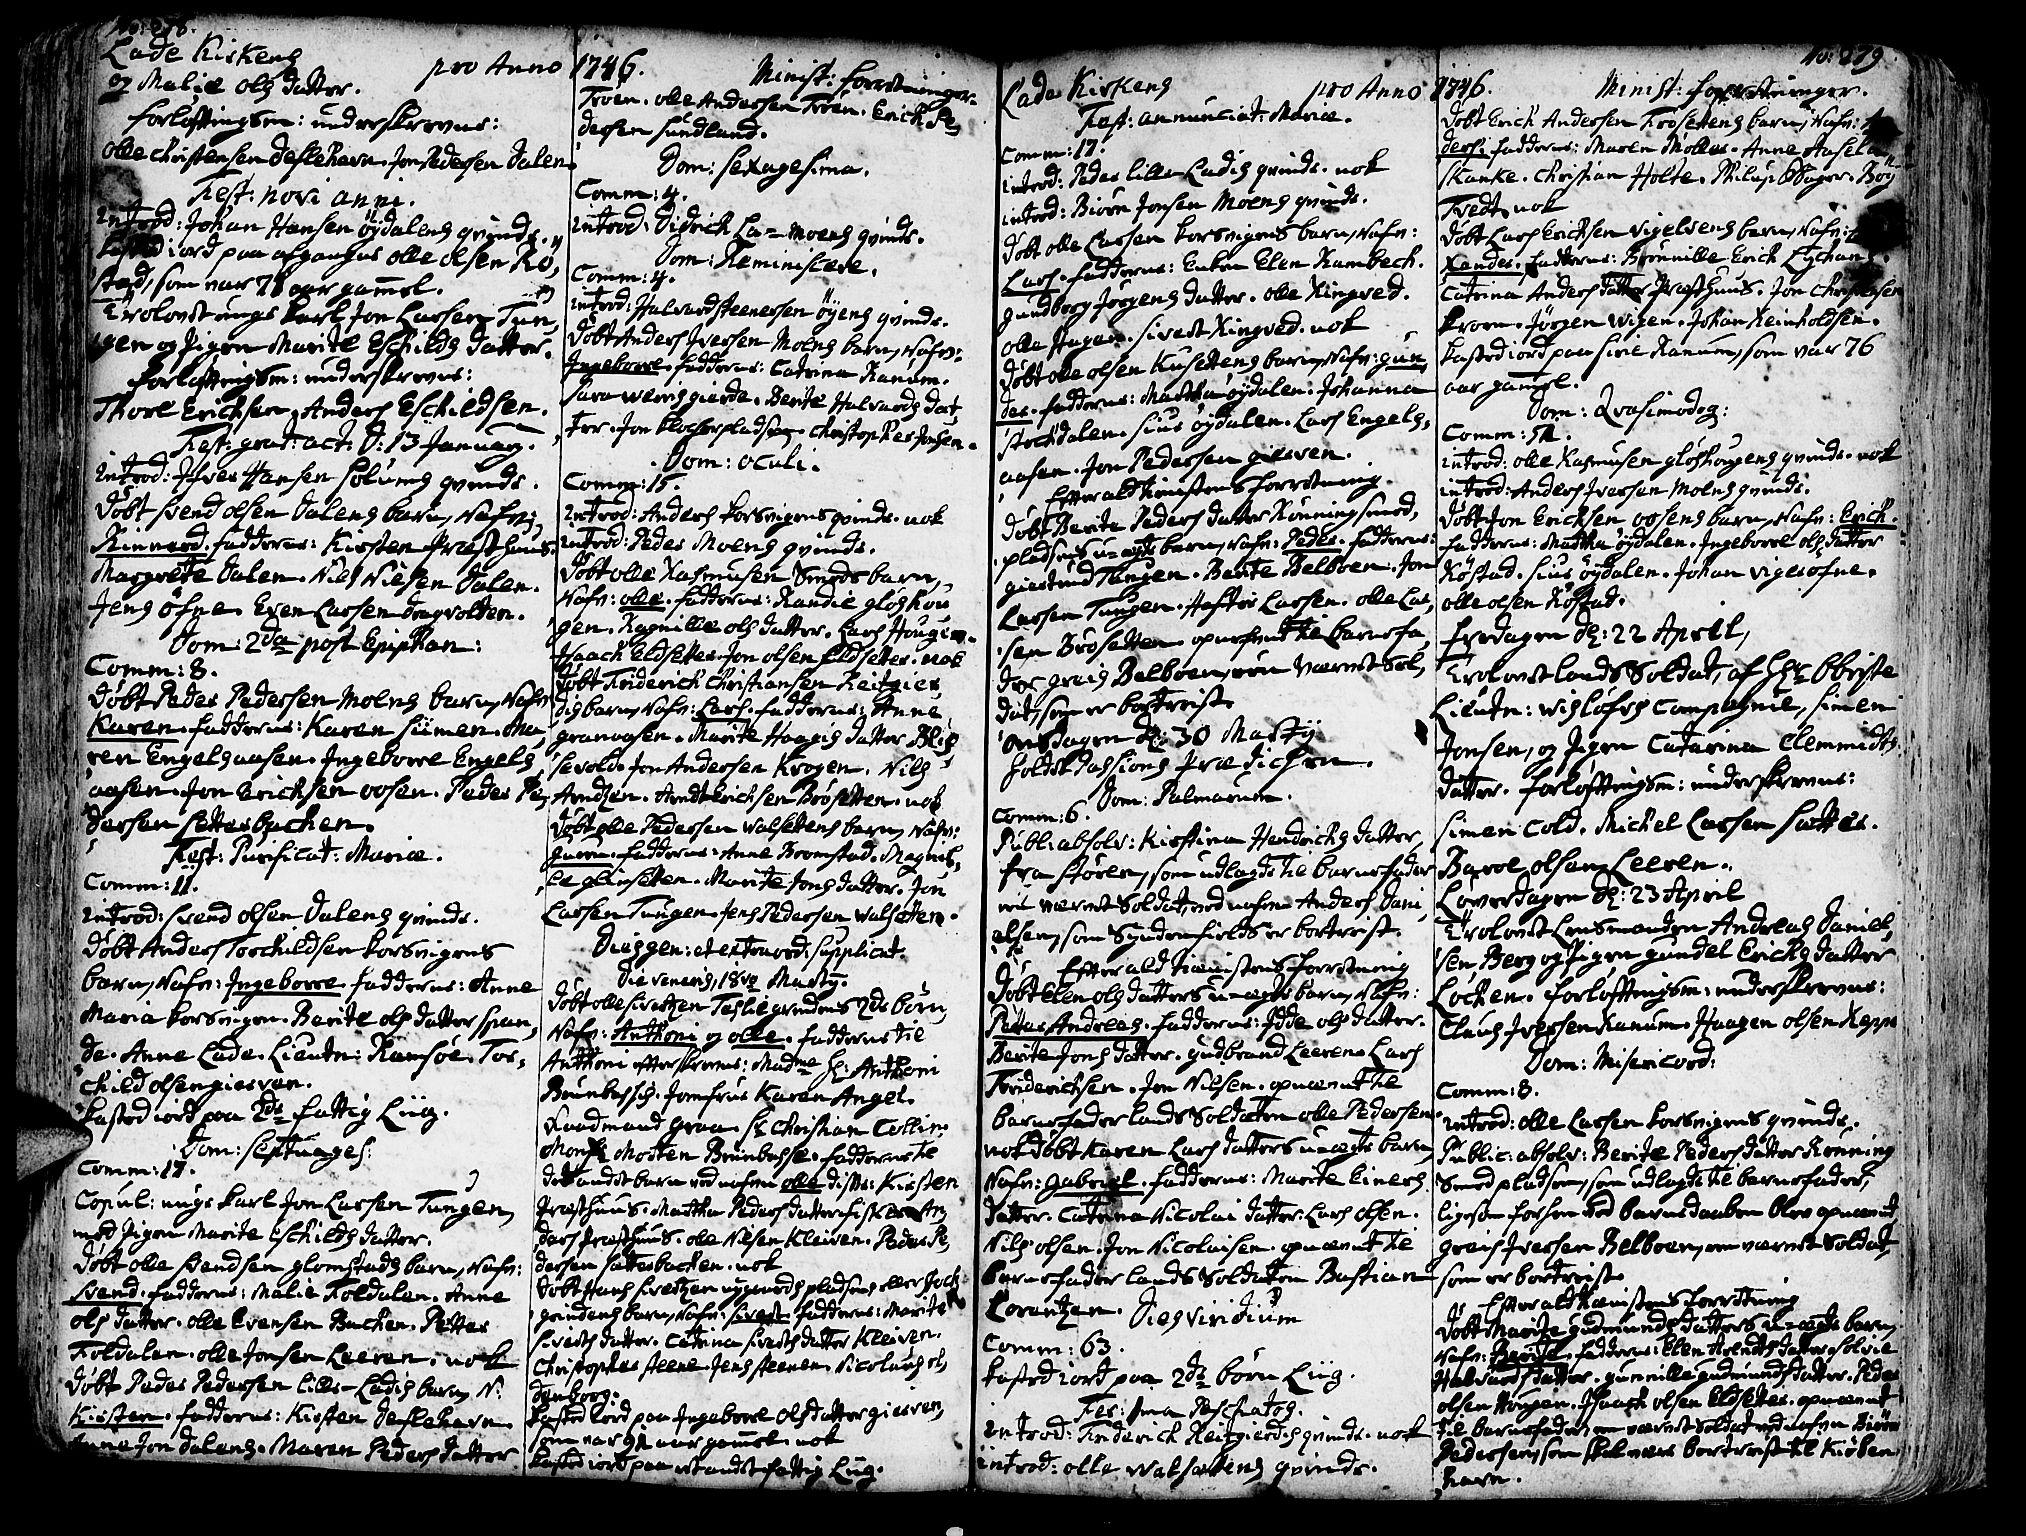 SAT, Ministerialprotokoller, klokkerbøker og fødselsregistre - Sør-Trøndelag, 606/L0275: Ministerialbok nr. 606A01 /1, 1727-1780, s. 278-279